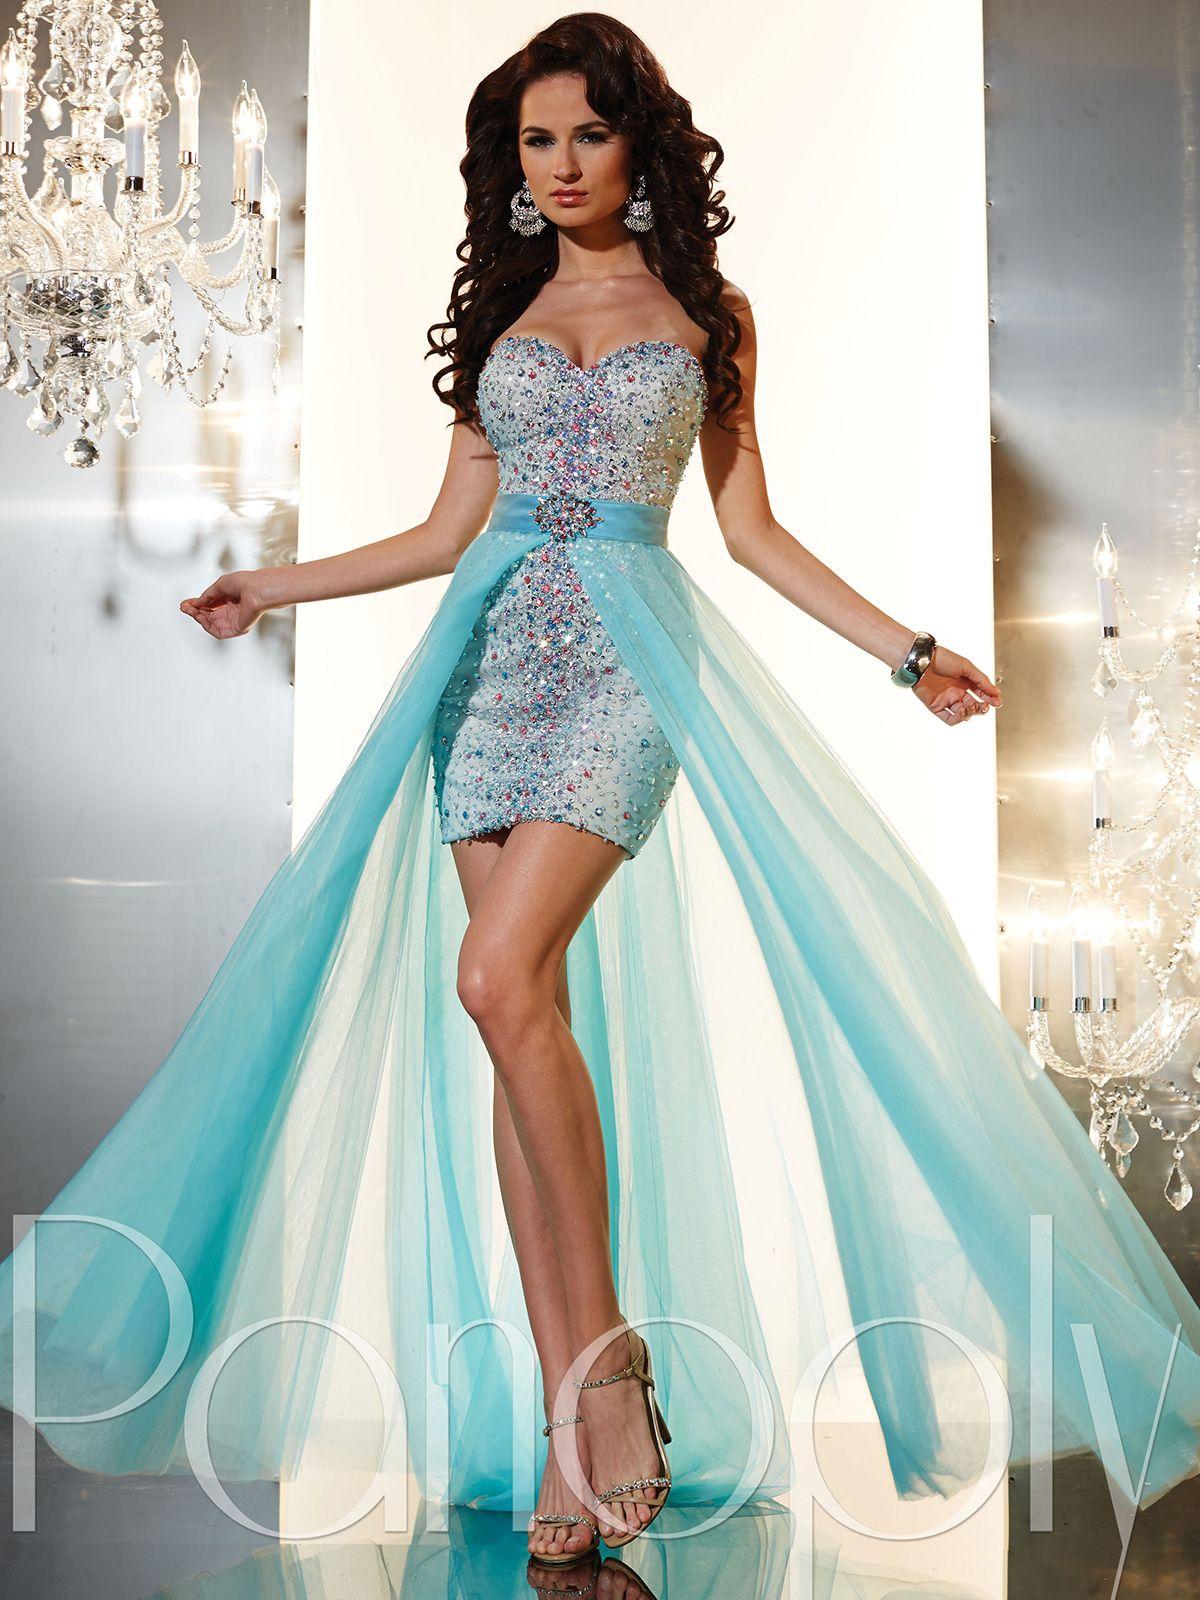 Great Disney Inspired Prom Dress Photos - Wedding Ideas - memiocall.com